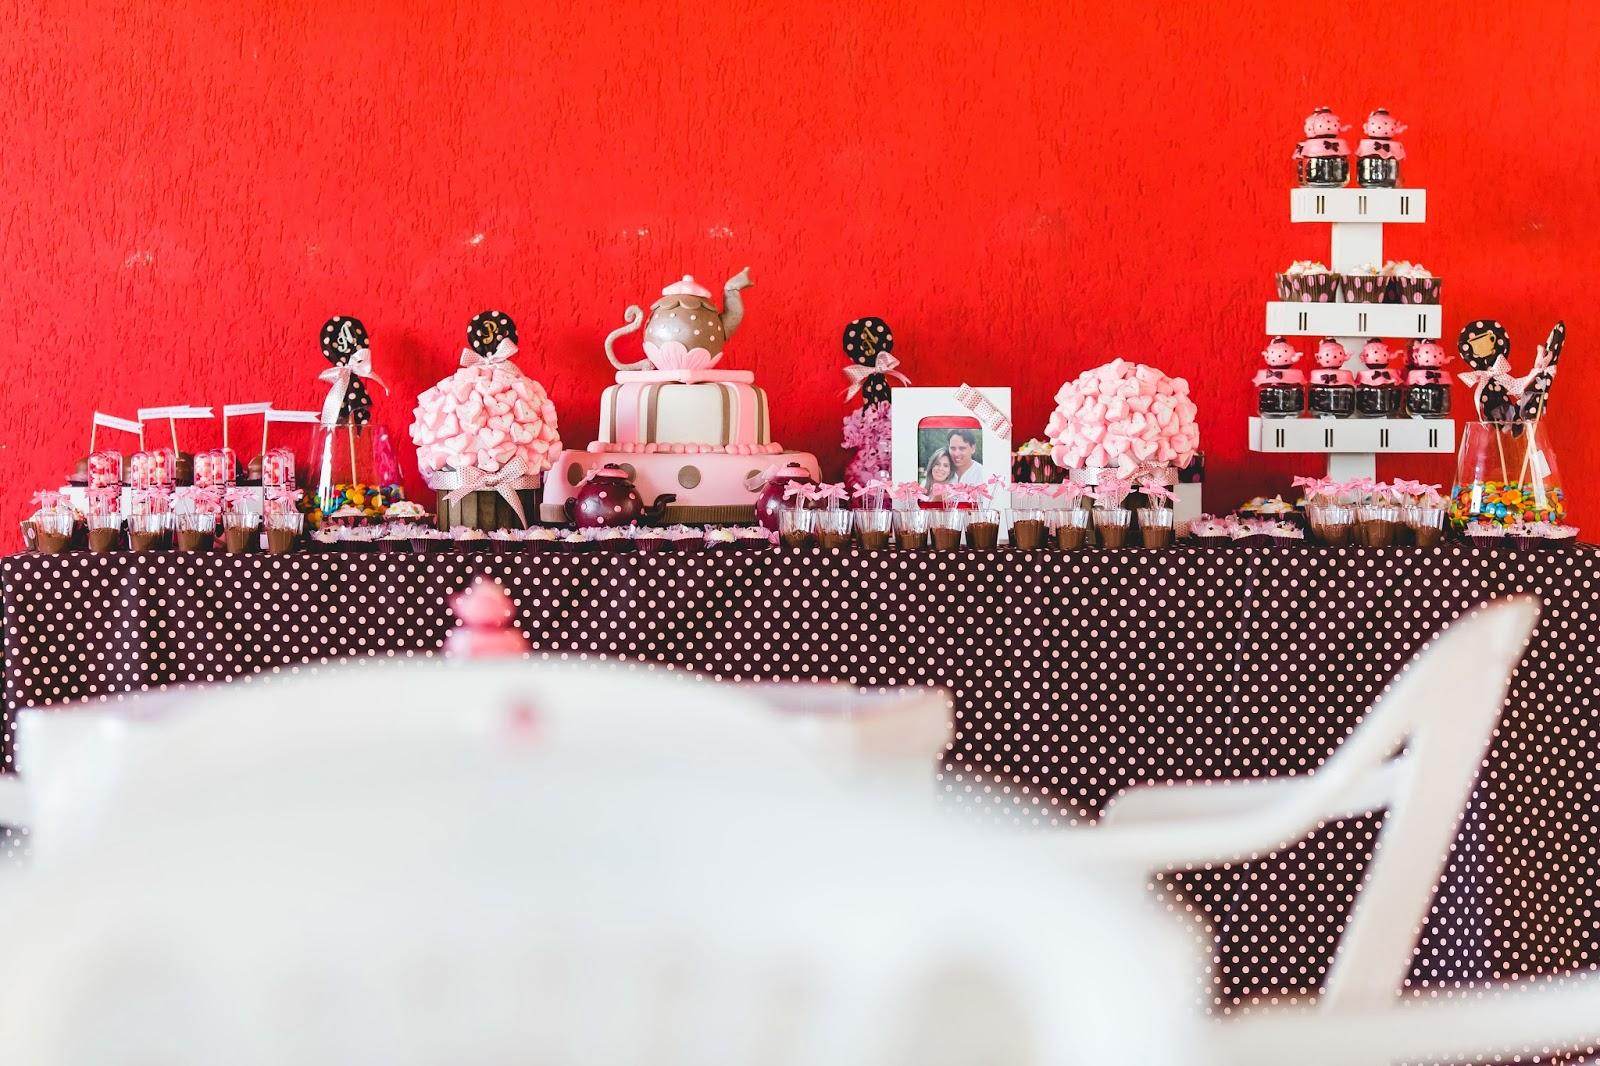 chá - chá de panela - chá rosa marrom - paleta rosa marrom - mesa bolo - decoração - mesa doces